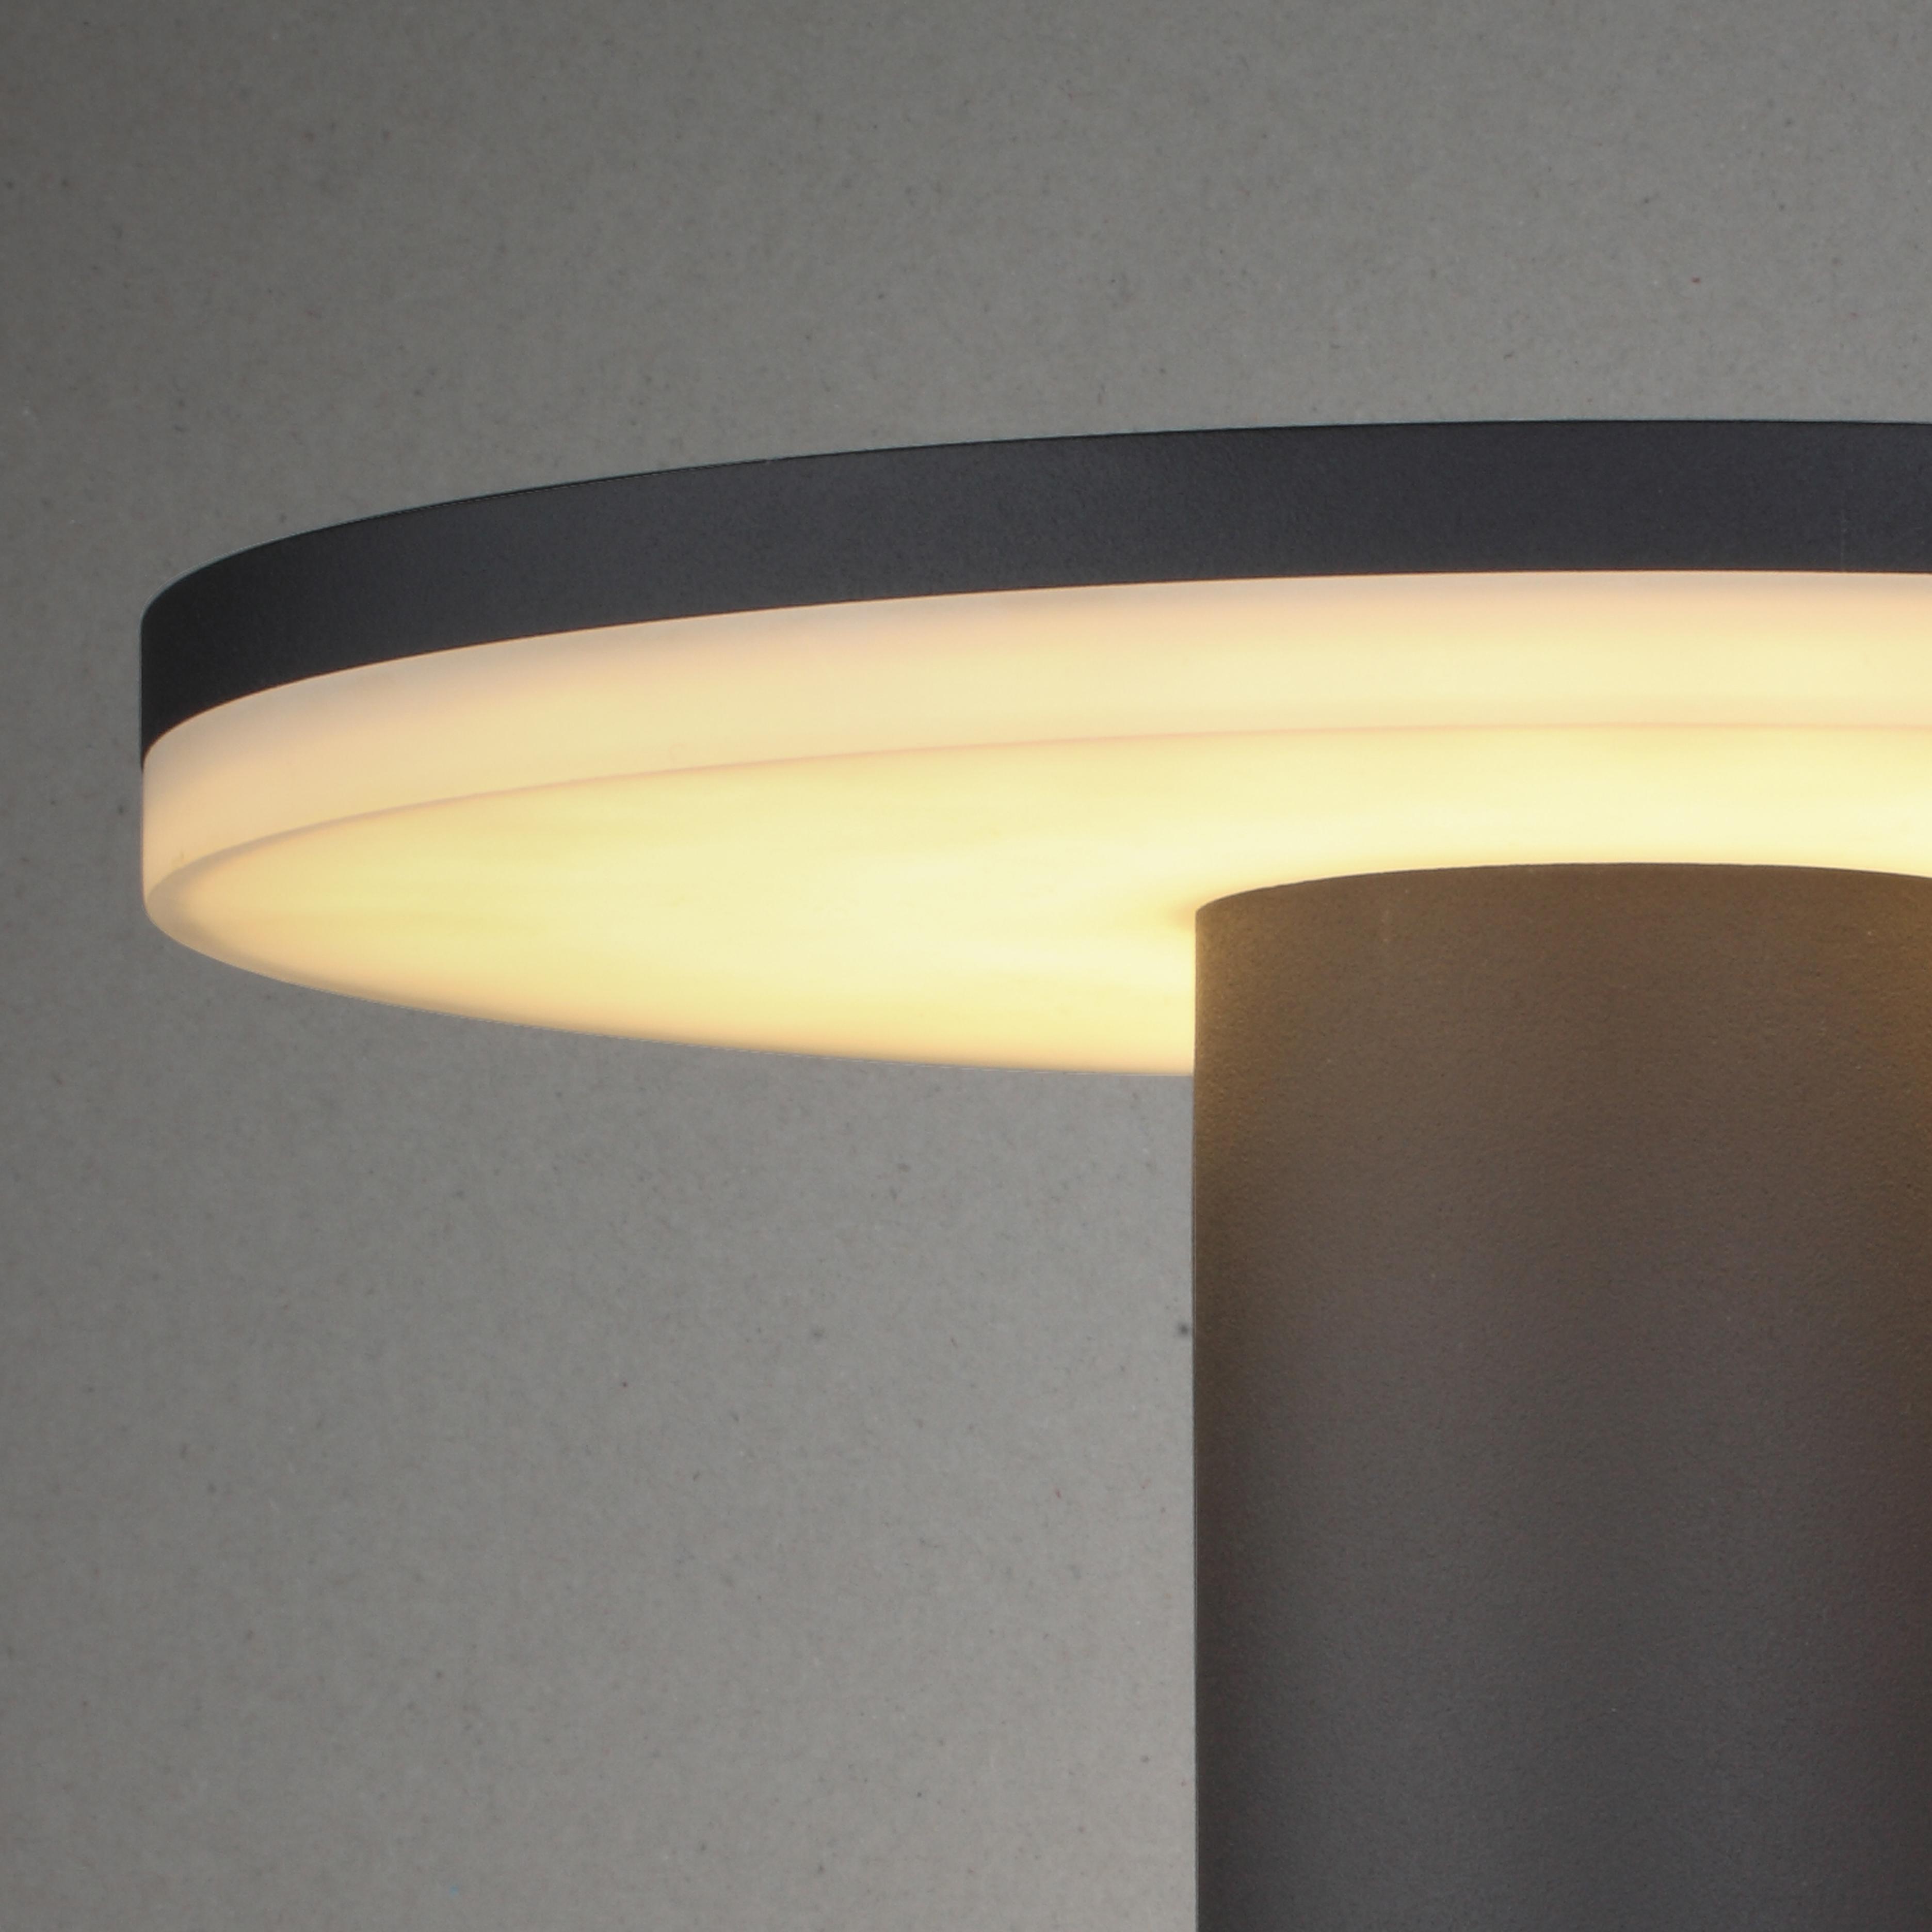 Настенный светильник Mantra Cerler 6496, IP54, серый, белый, металл, пластик - фото 3